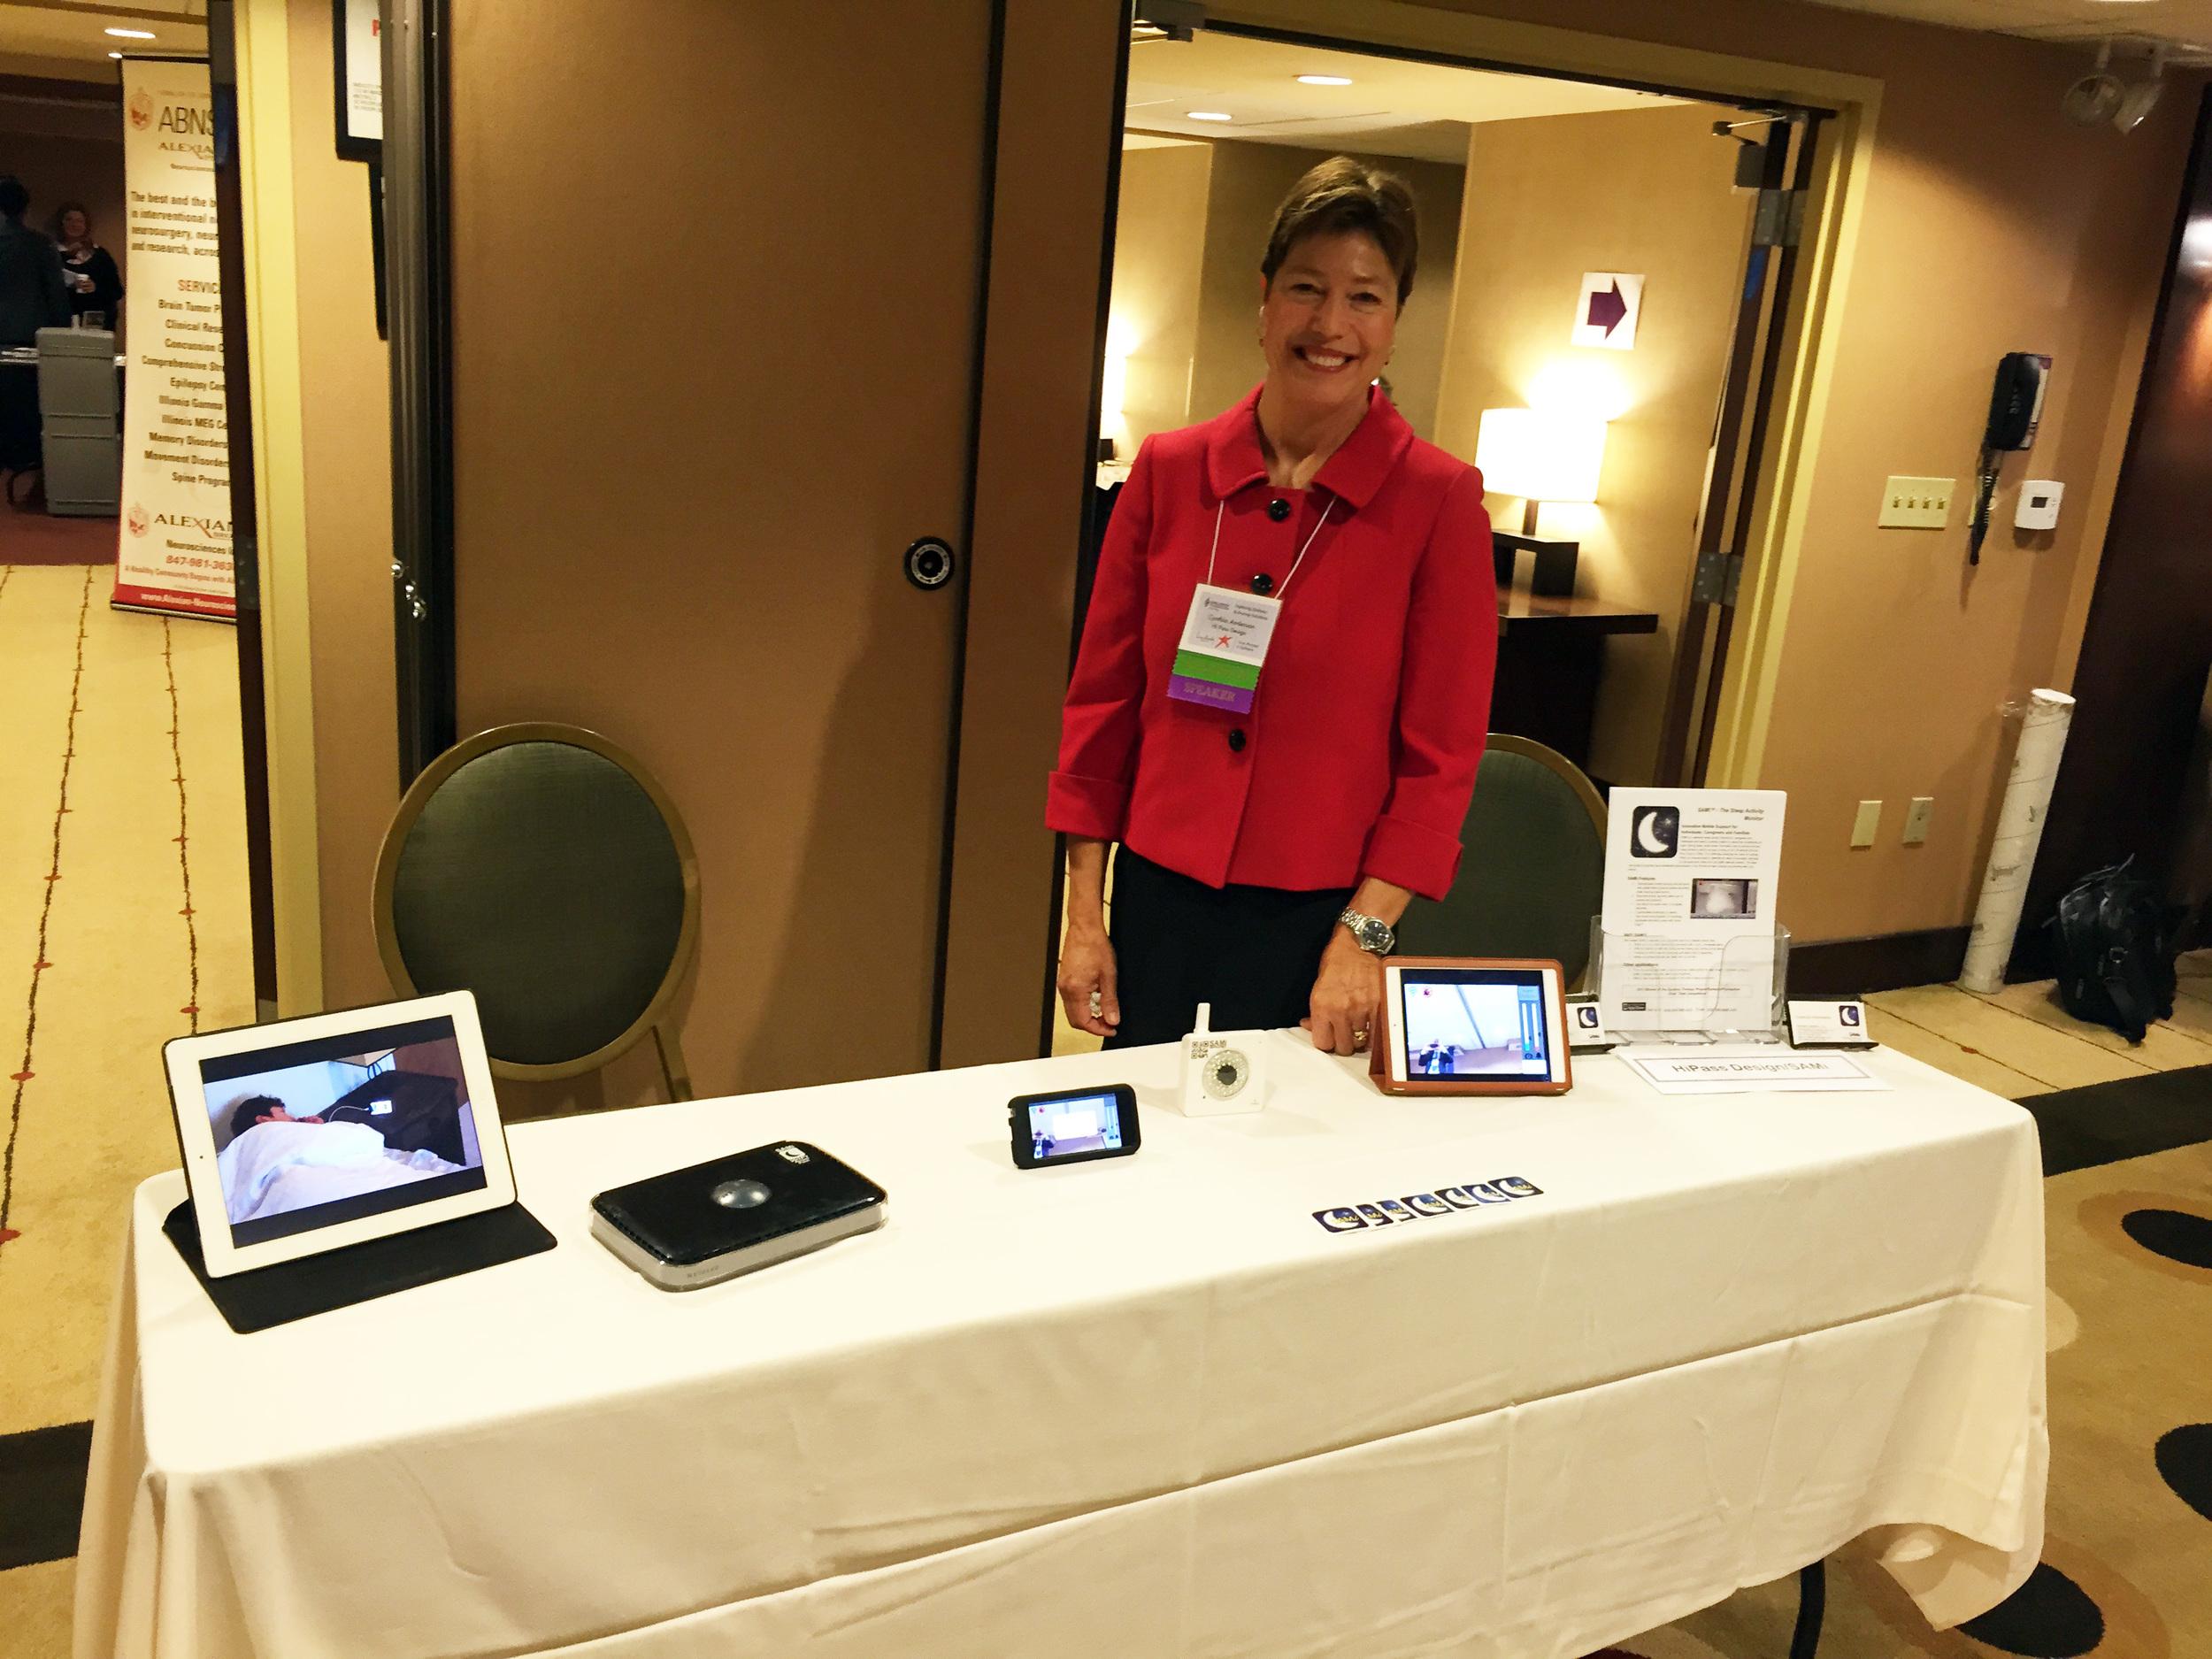 Cynthia Anderson at the SAMI table